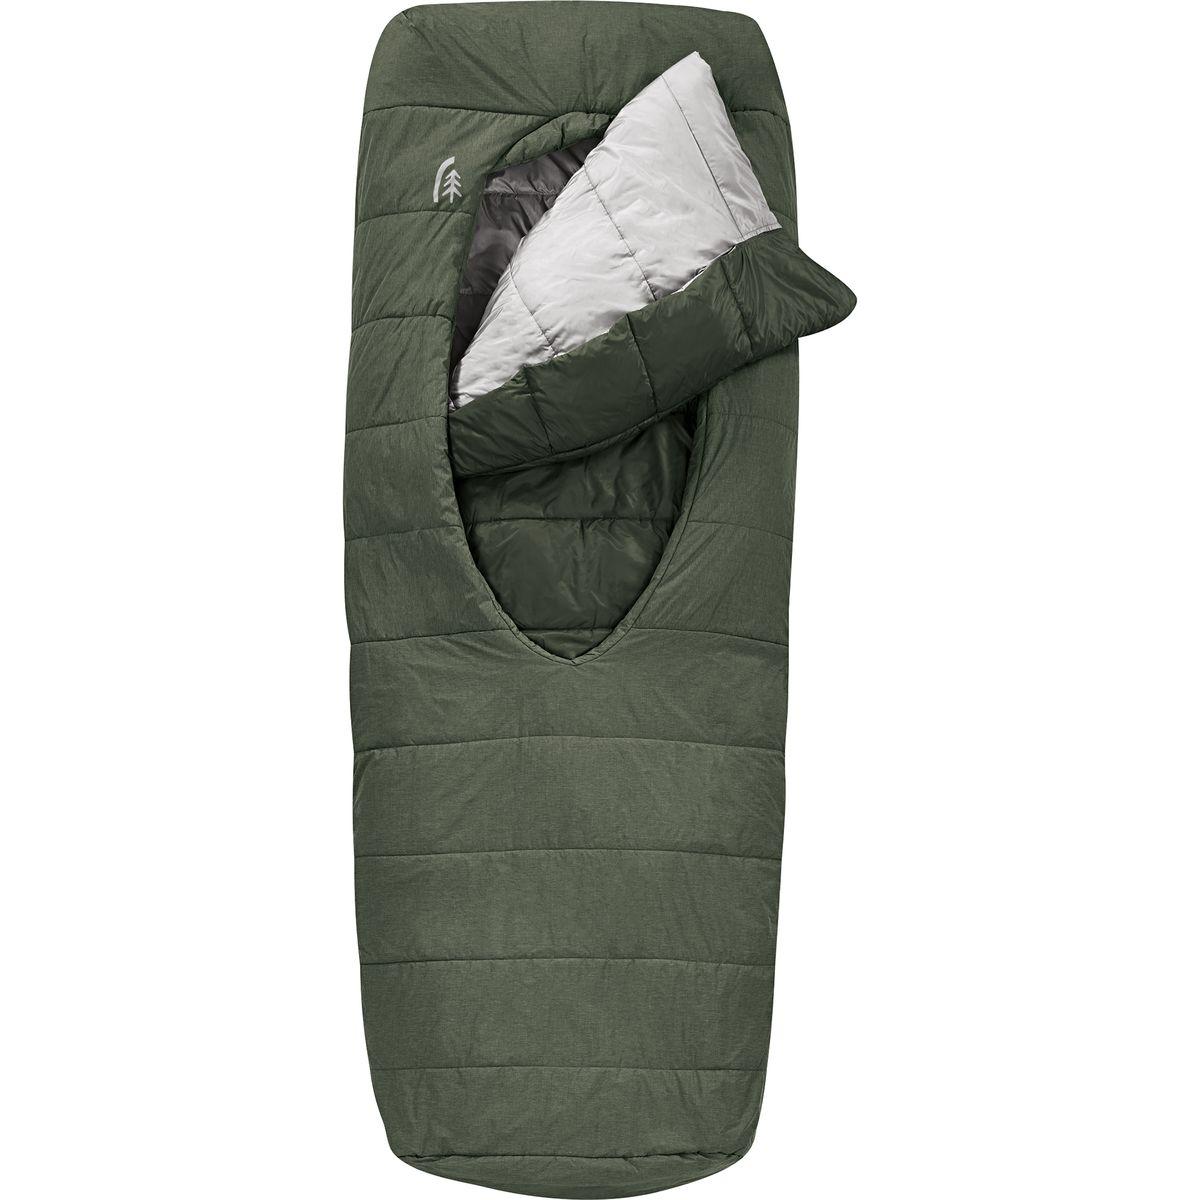 Sierra Designs Sleeping Bag